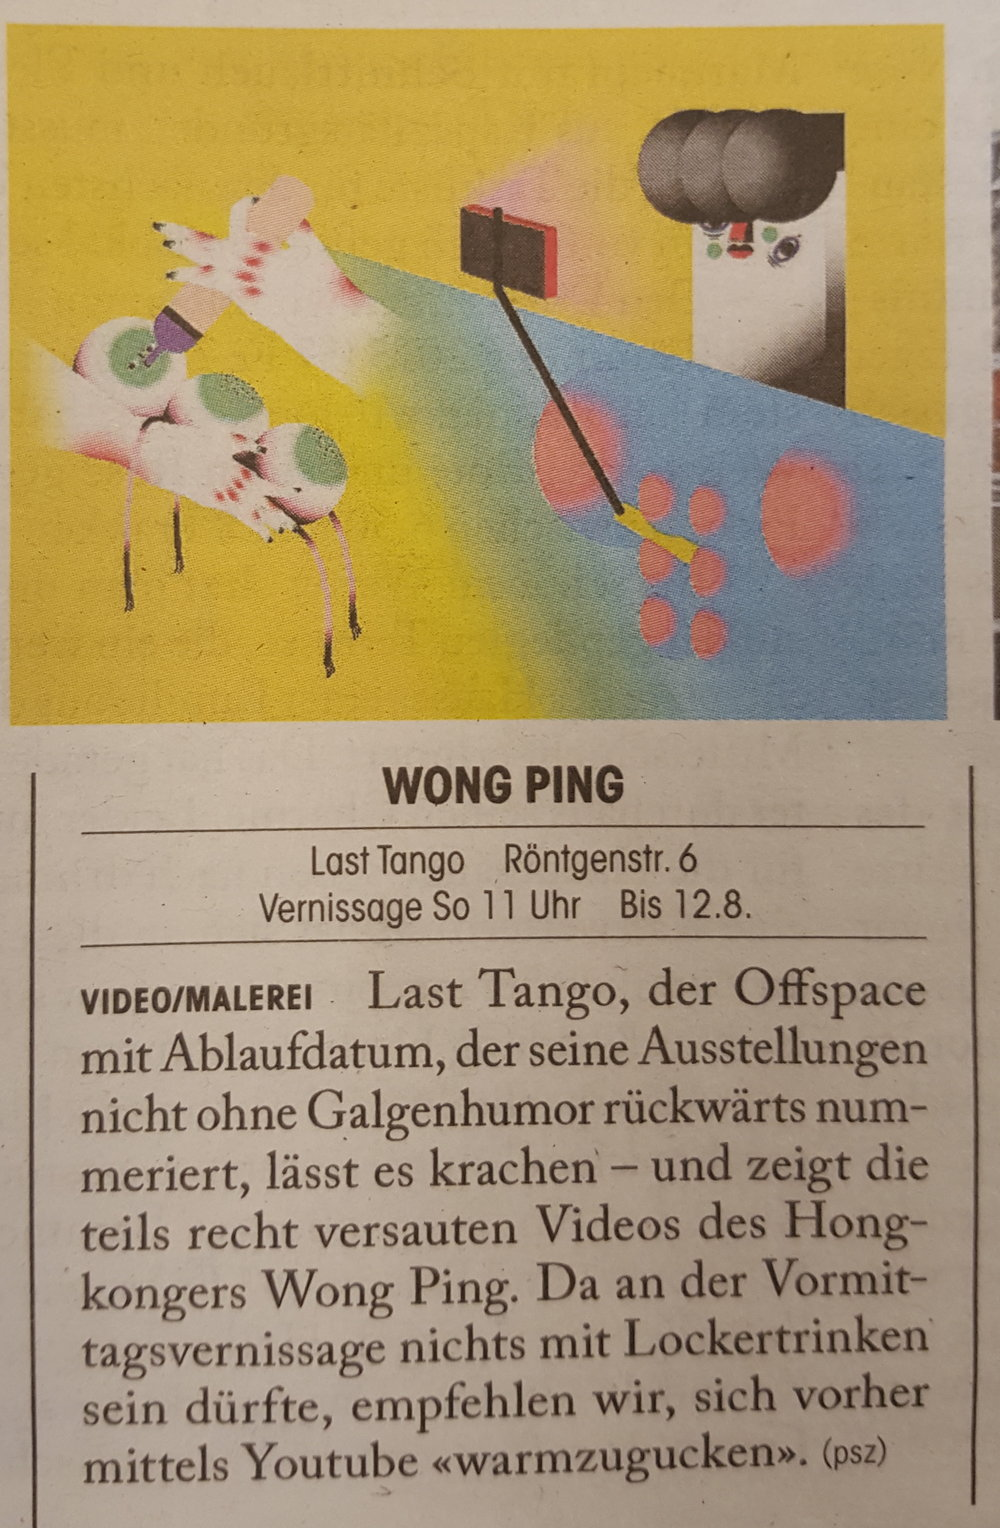 Tages Anzeiger, Züritipp, 14/06/17 by Paulina Szczesniak -